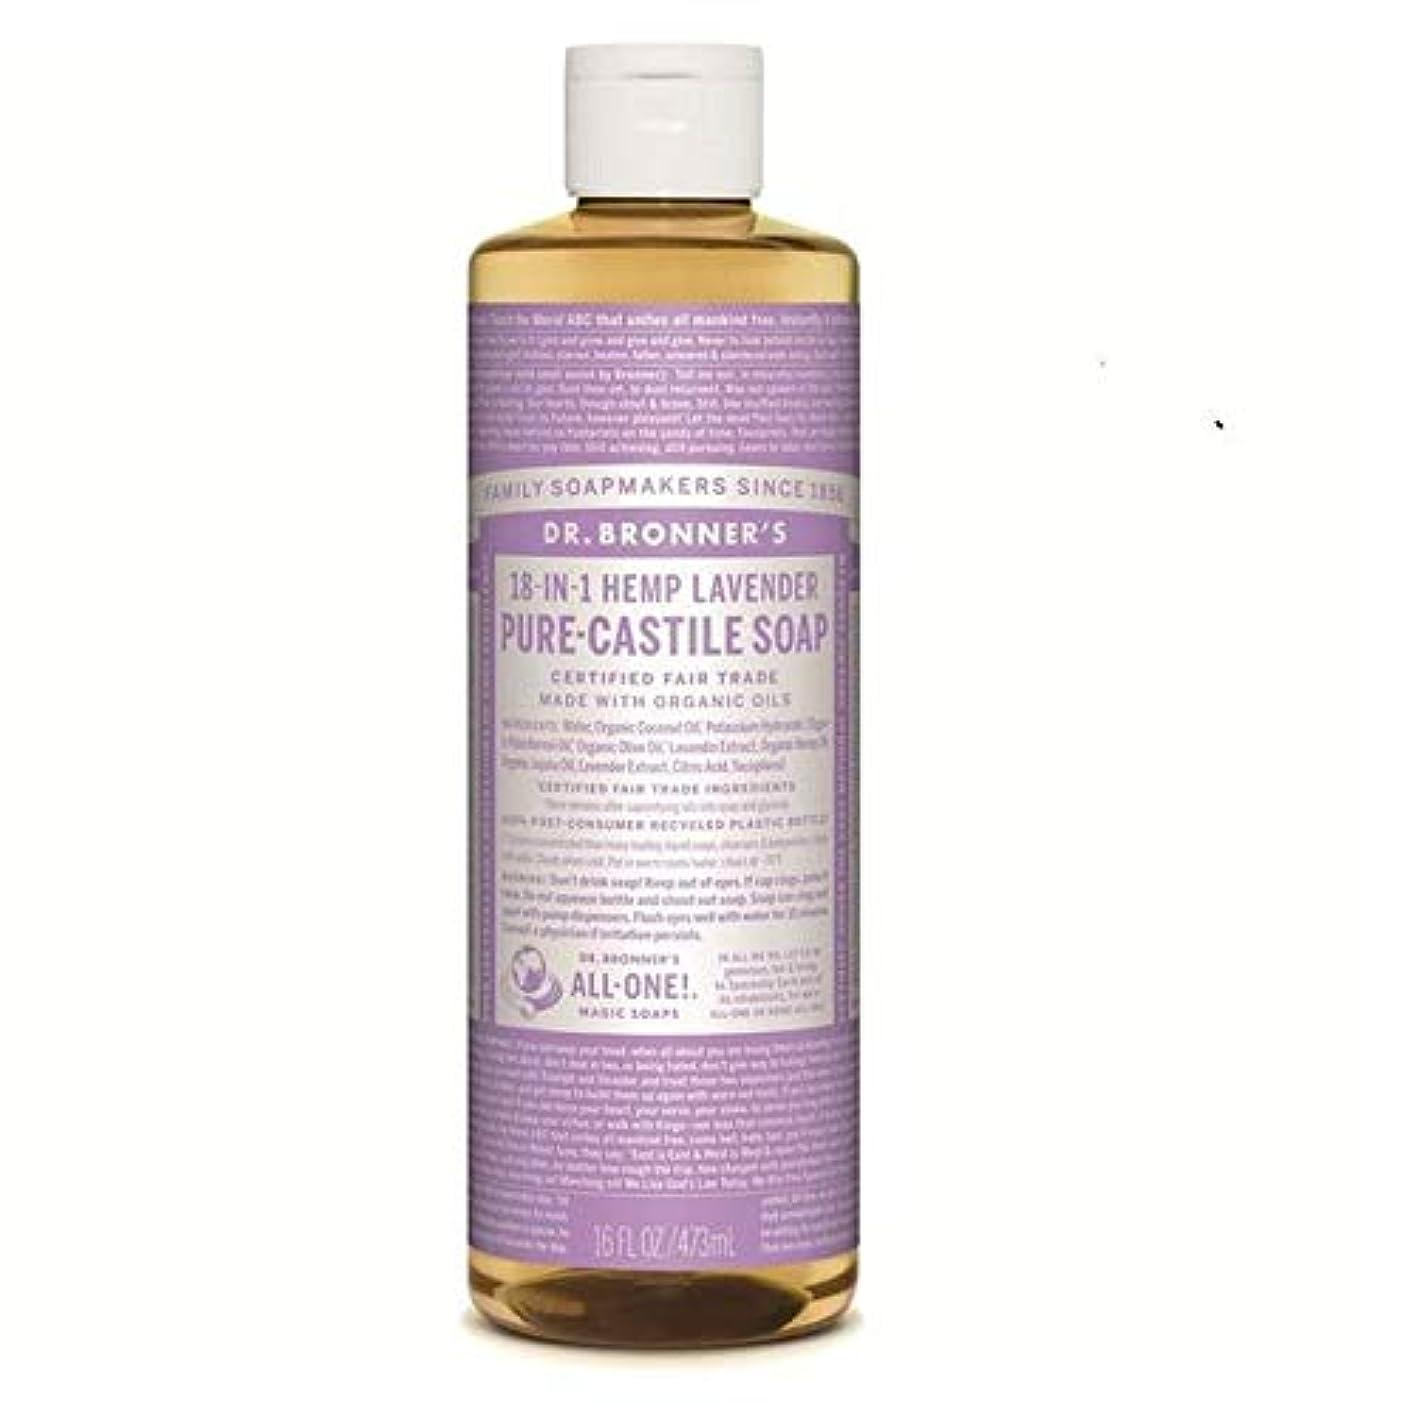 取得する商標メイエラ[Dr Bronner] Dr。ブロナーズオーガニックラベンダーカスティーリャ液体石鹸473ミリリットル - Dr. Bronner's Organic Lavender Castile Liquid Soap 473ml...